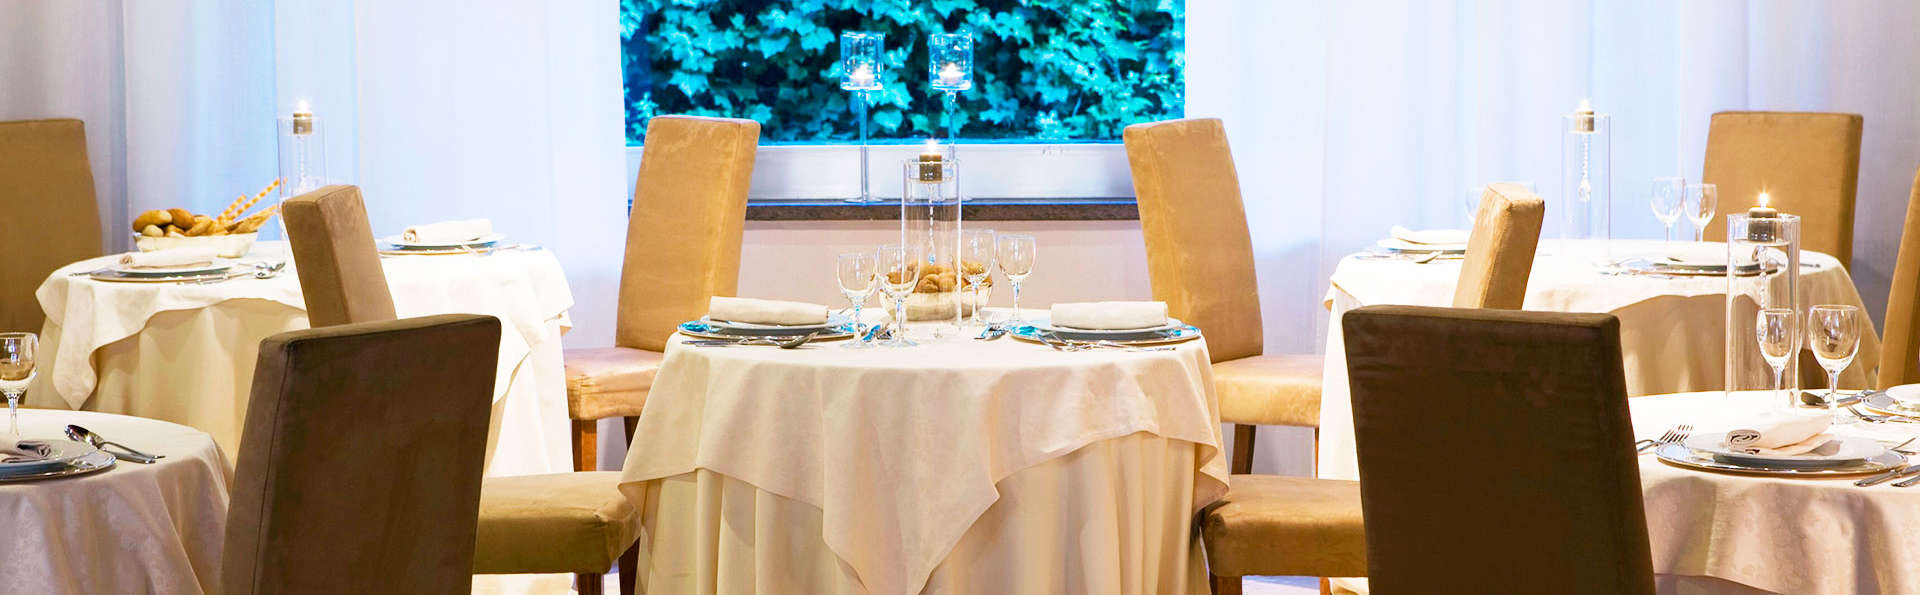 Nuit avec un dîner confortable dans le centre de Viterbe avec boissons comprises !